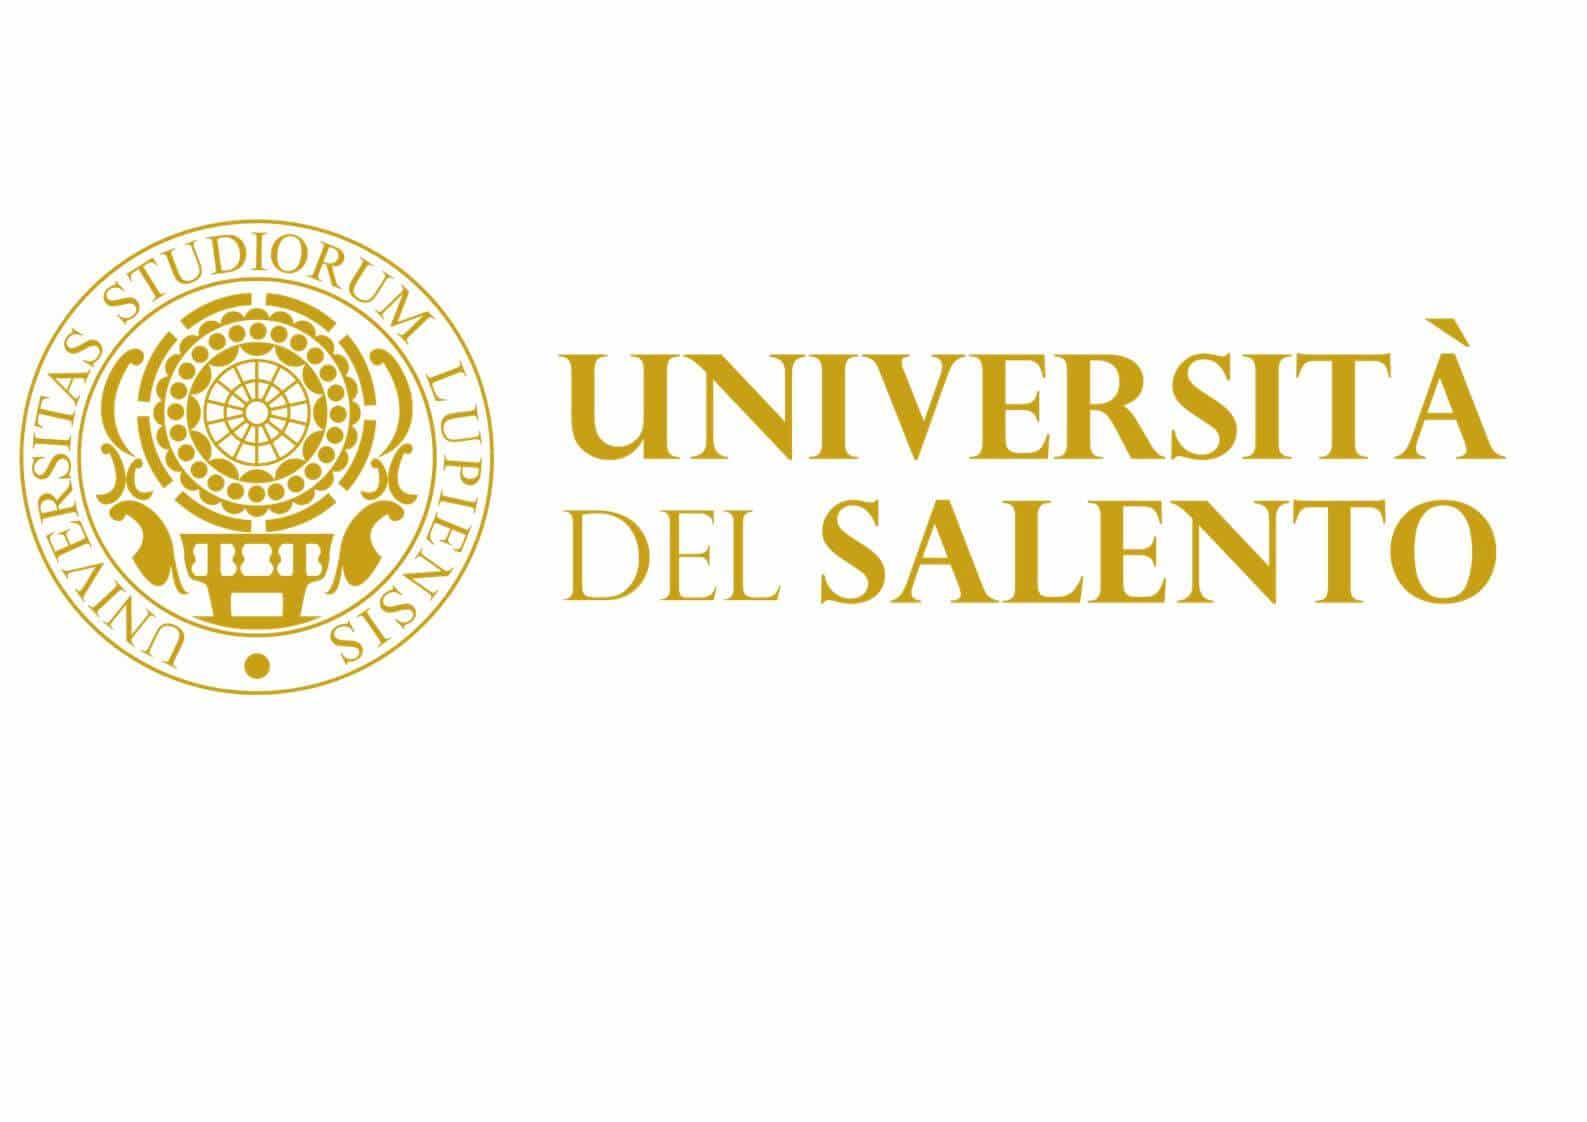 Calendario Accademico Unisalento.Unisalento Universita Del Salento Info E Risorse Utili